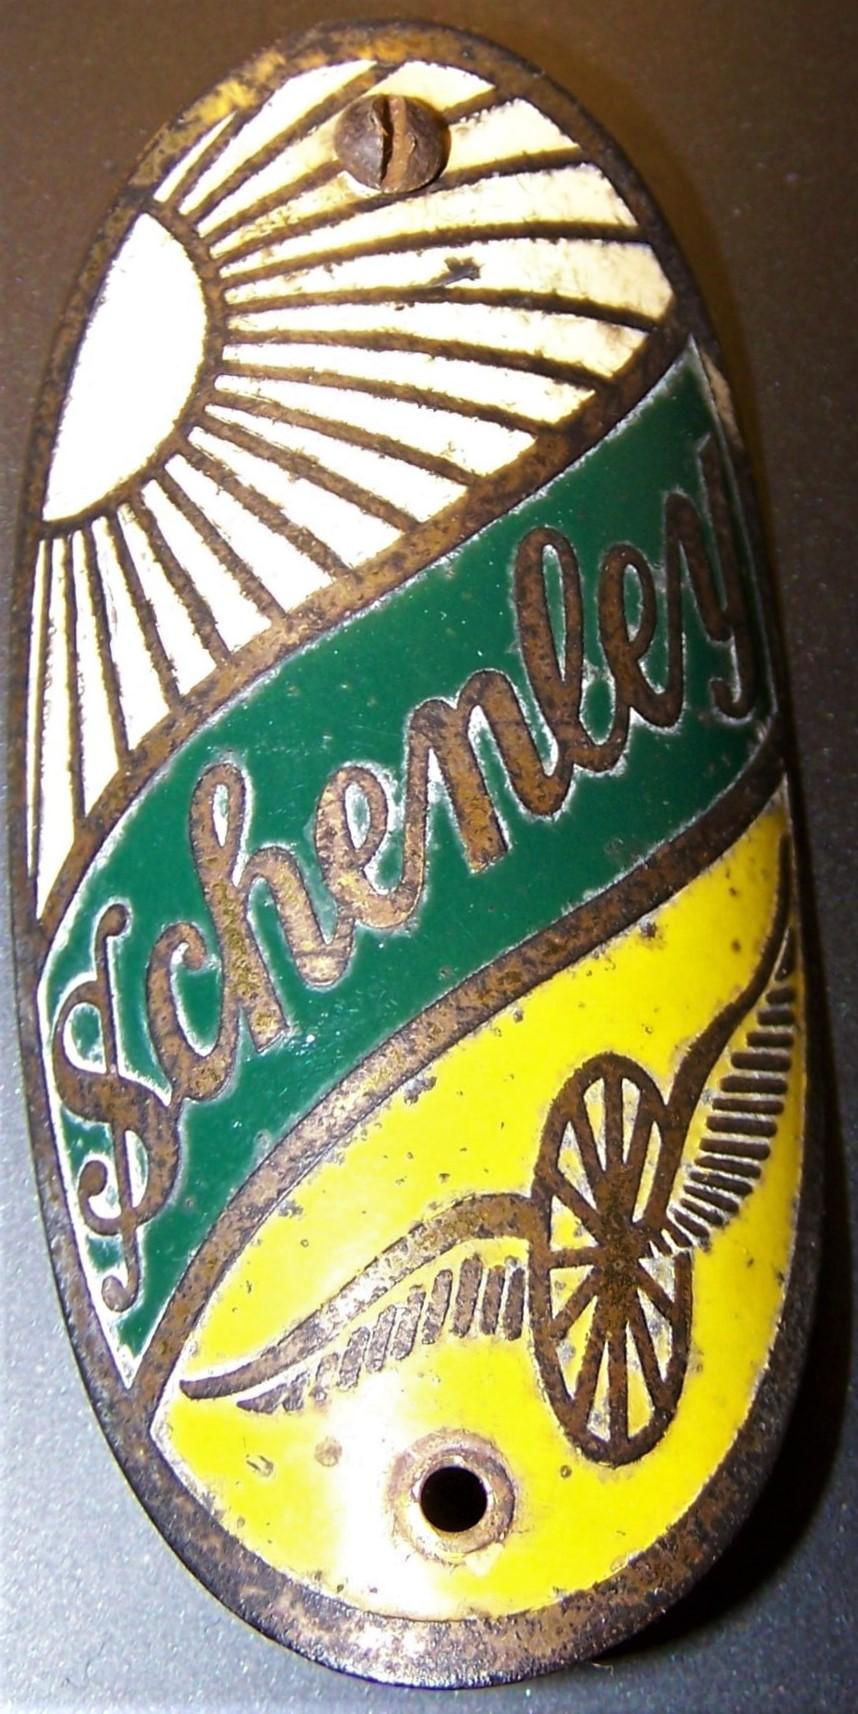 Schenley 1930's.JPG